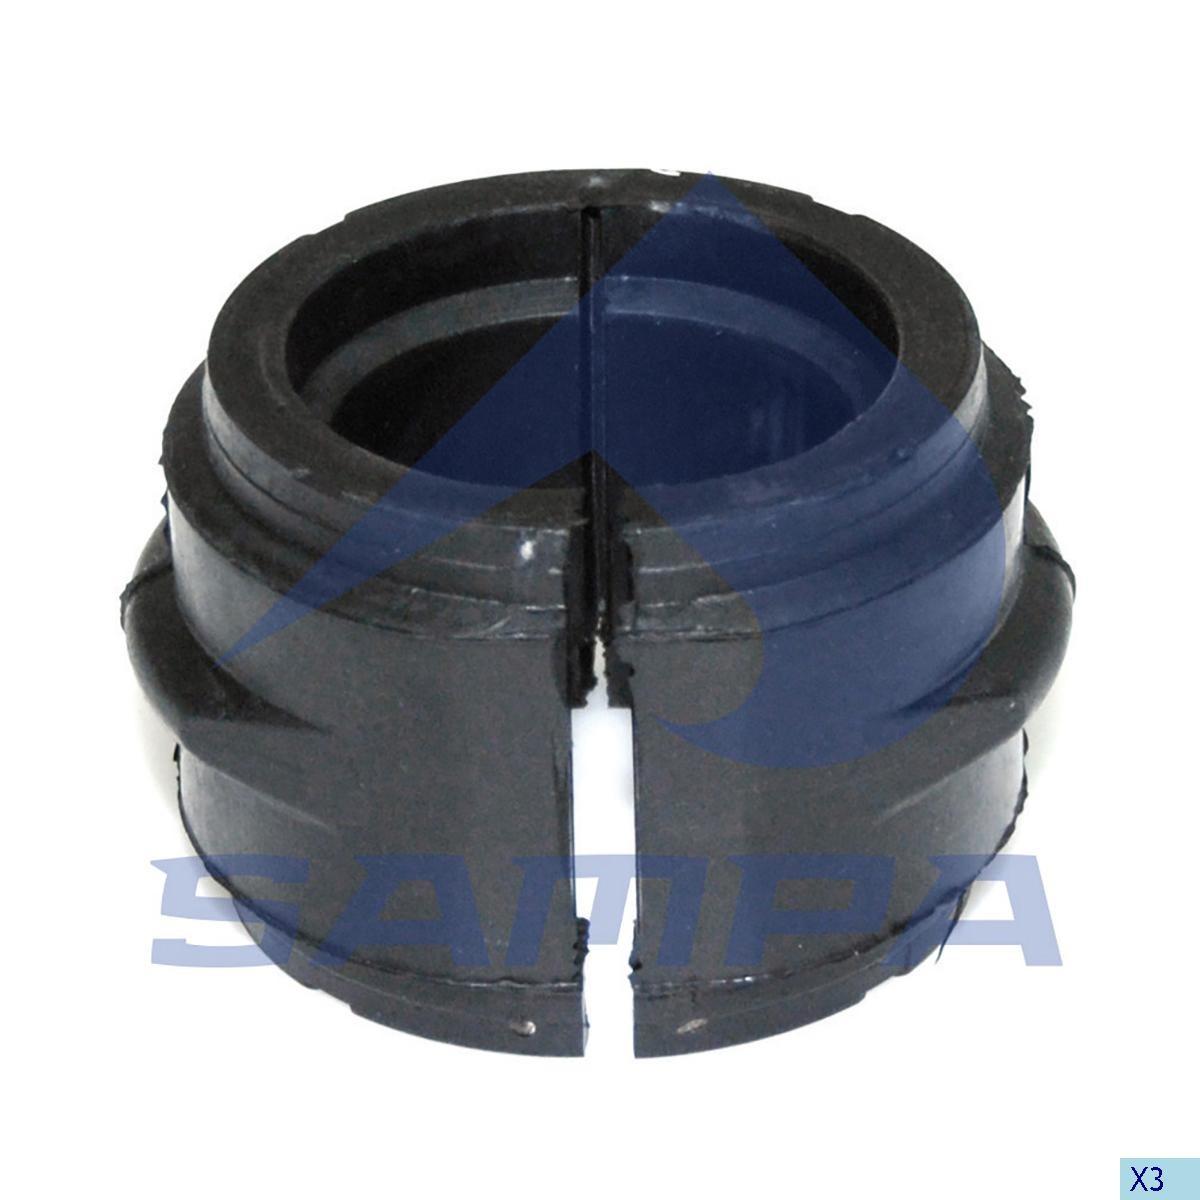 Втулка стабилизатора Actros 47,5x56 (Errevi) photo